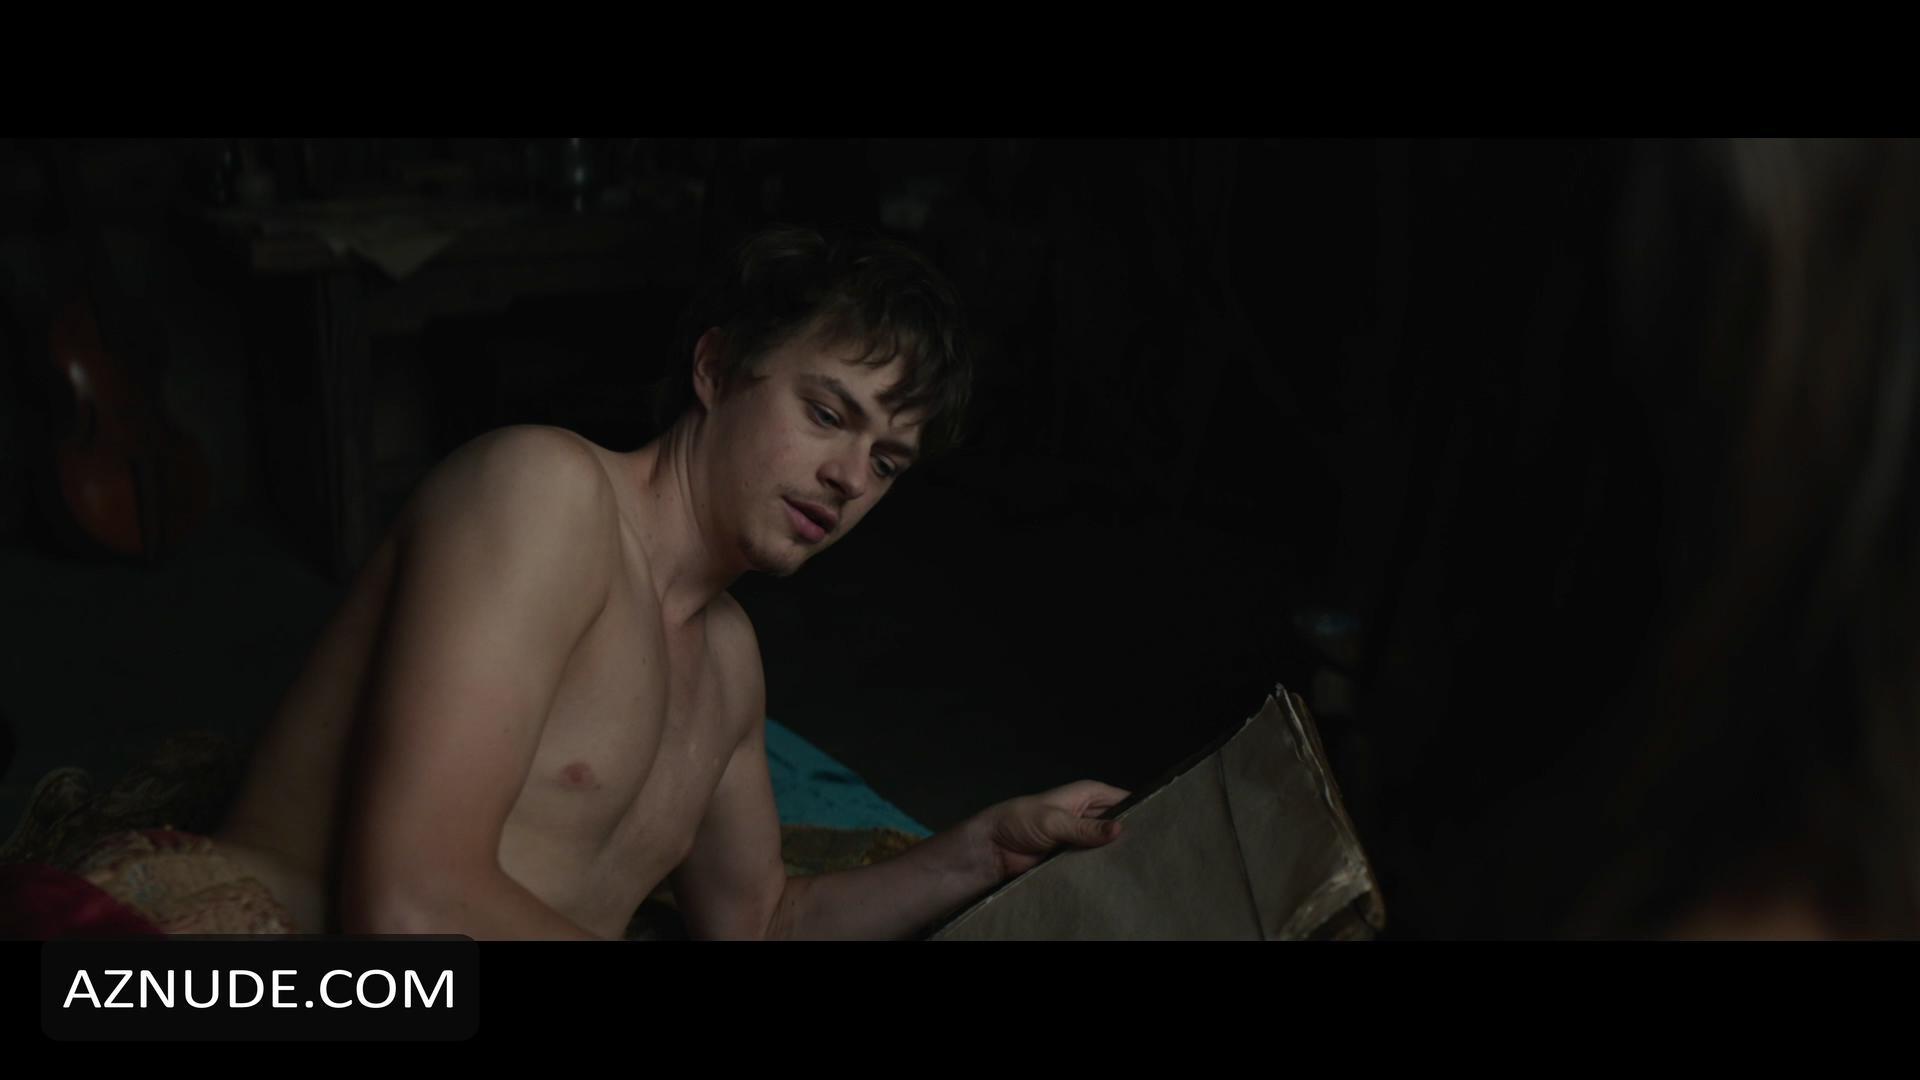 Dane dehaan naked